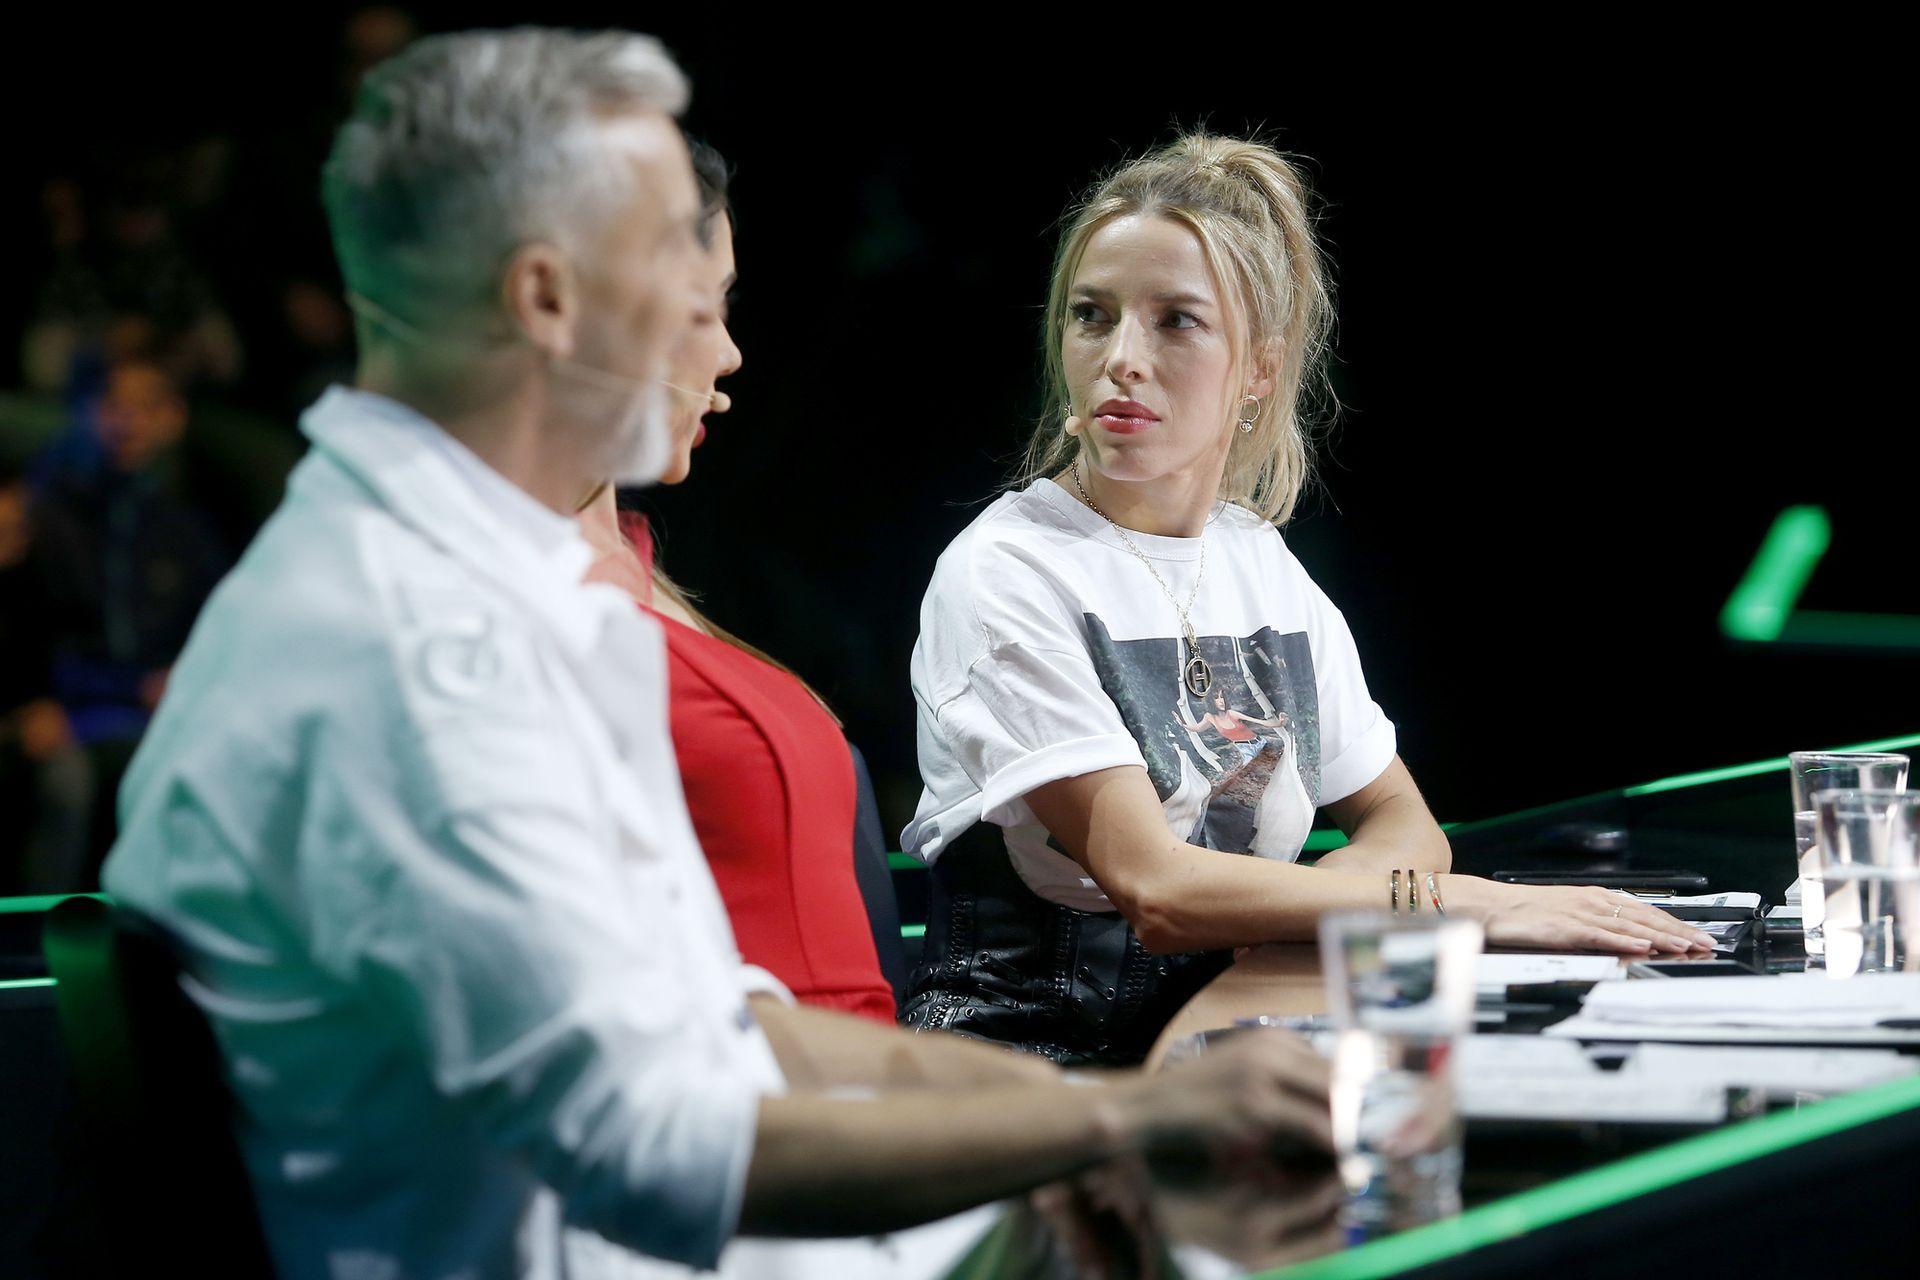 scena z: Ewa Chodakowska, SK:, , fot. Podlewski/AKPA